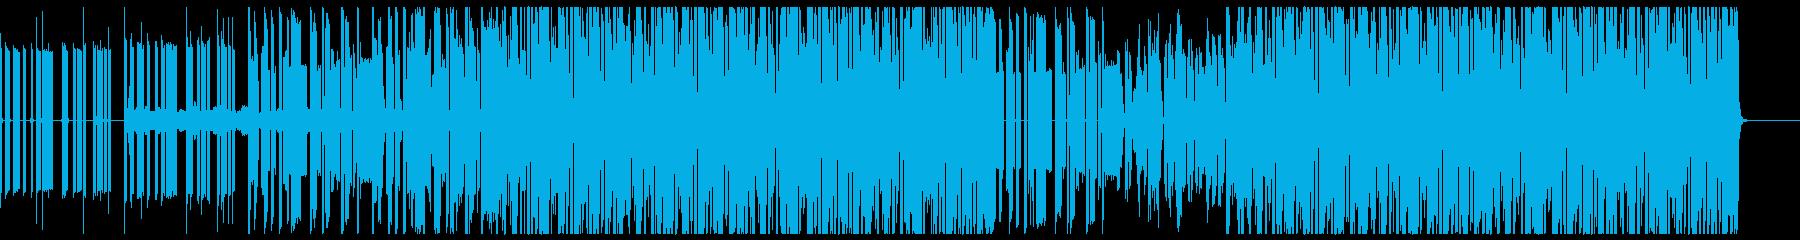 ゲーム的ポップチューン音楽の再生済みの波形